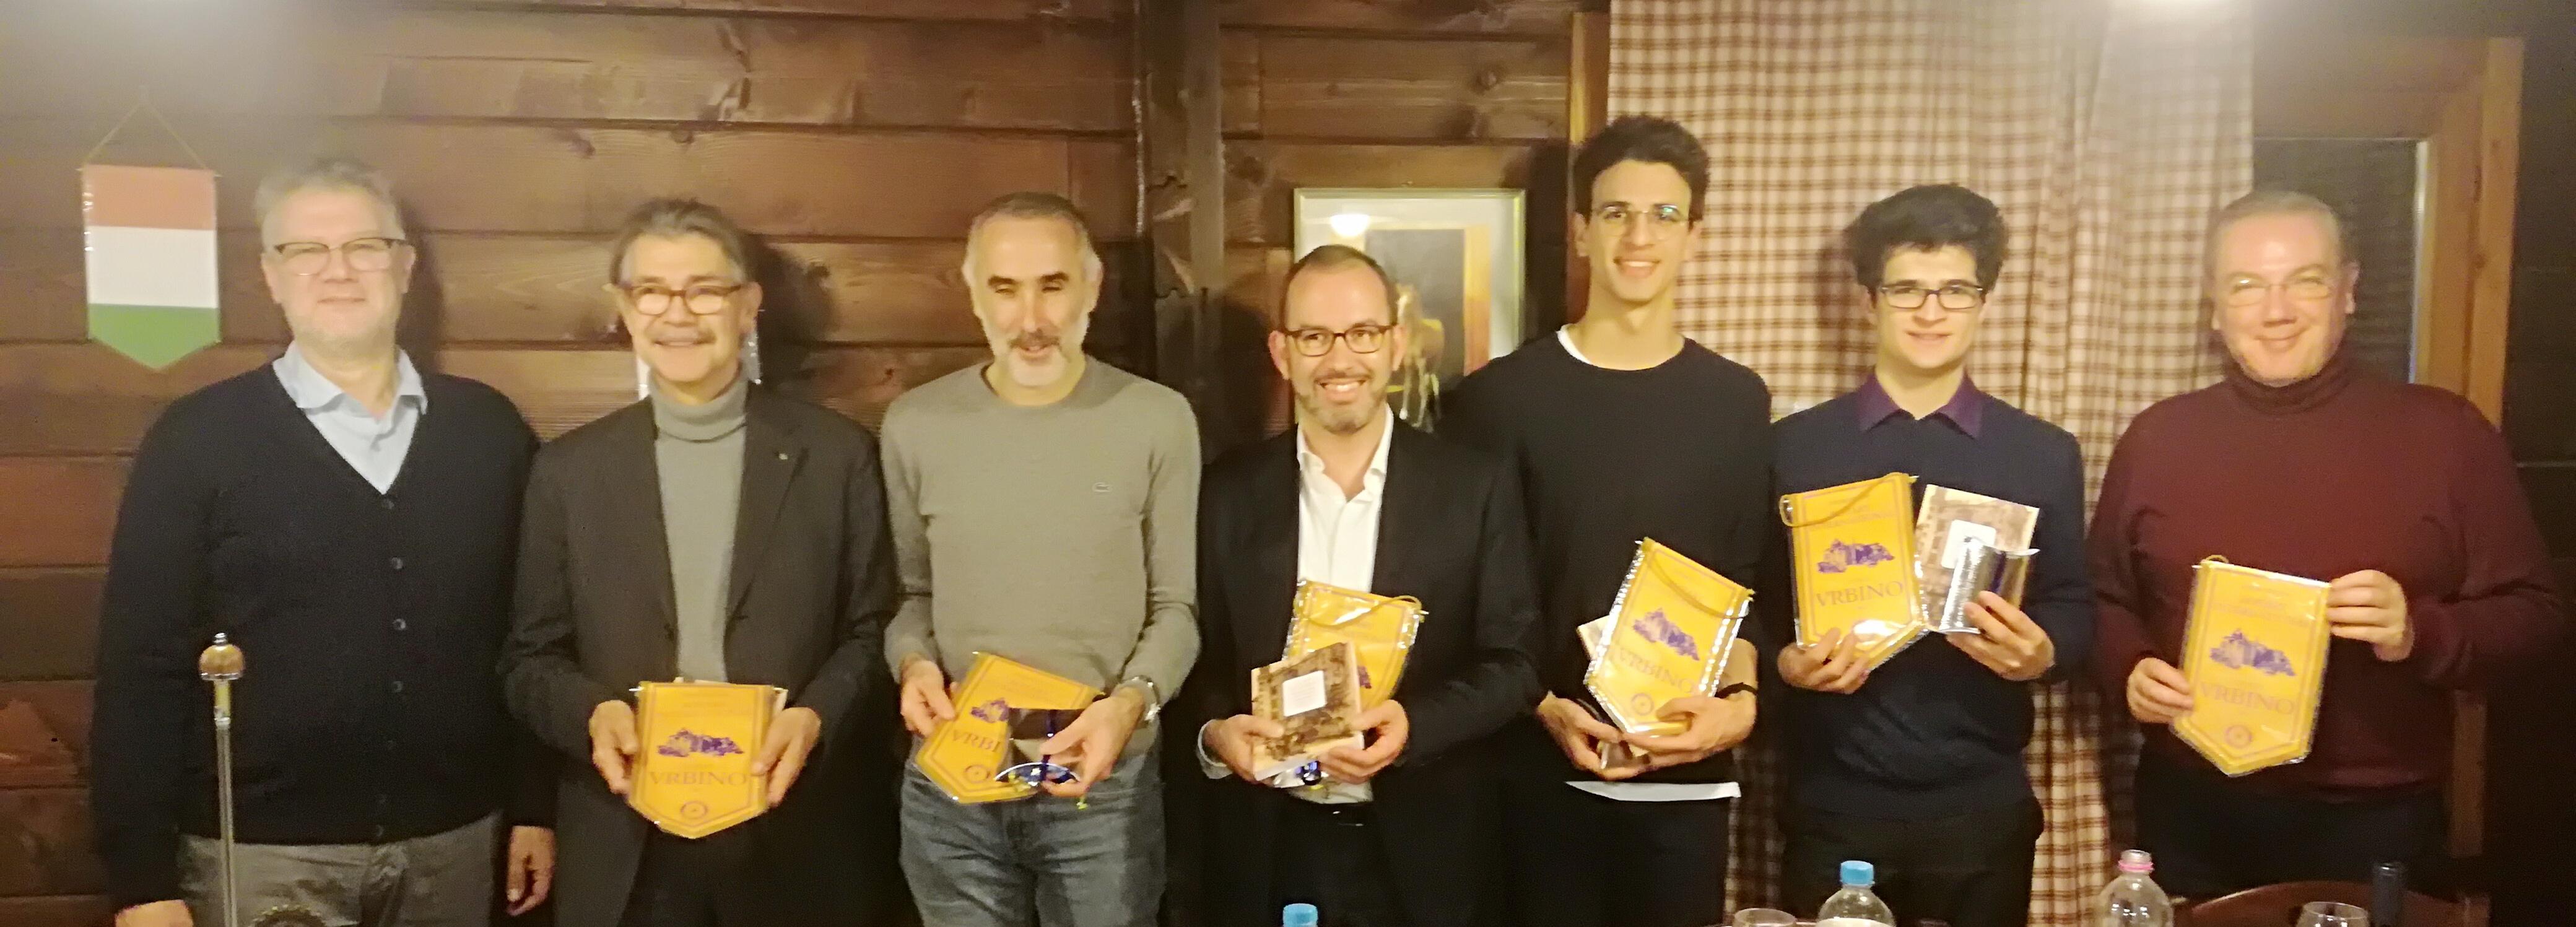 Urbino - 6 Dicembre 2018